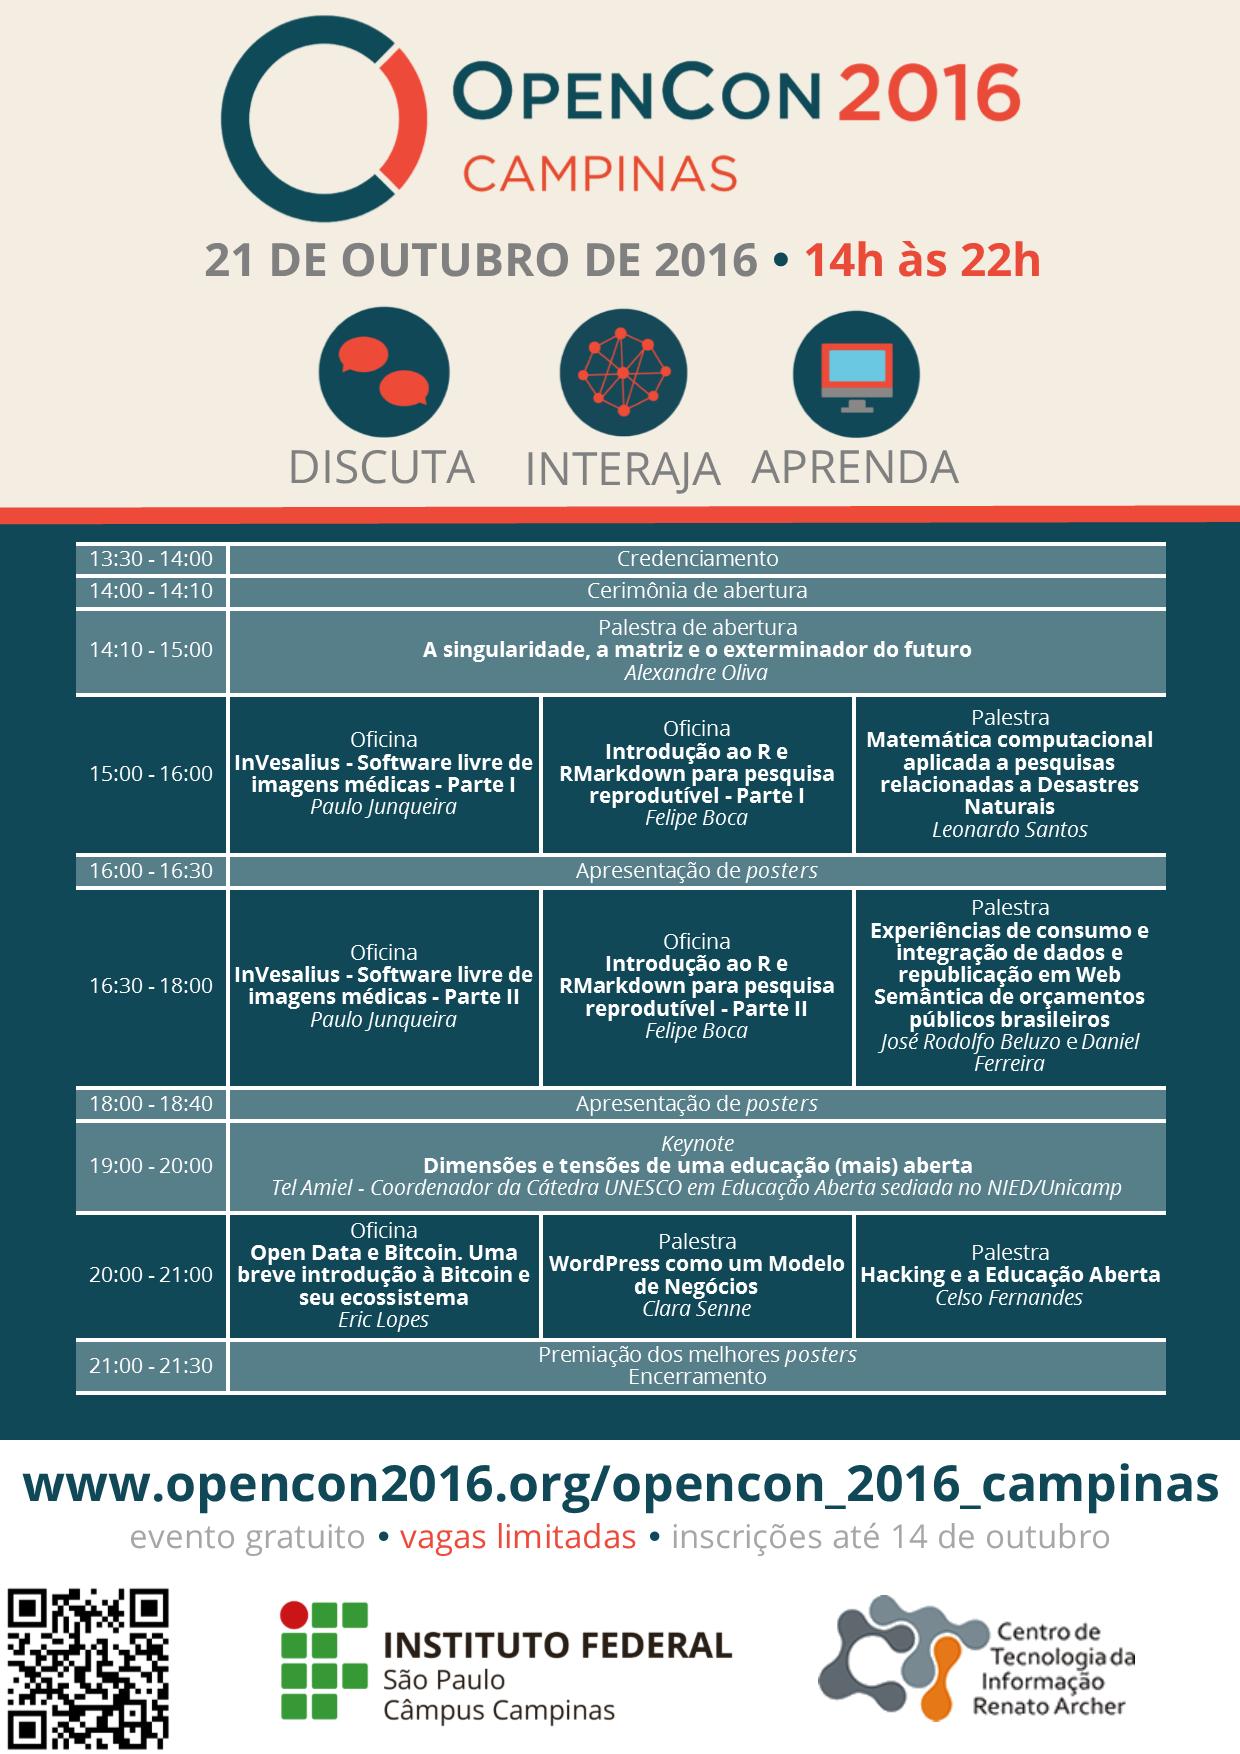 opencon2016campinas